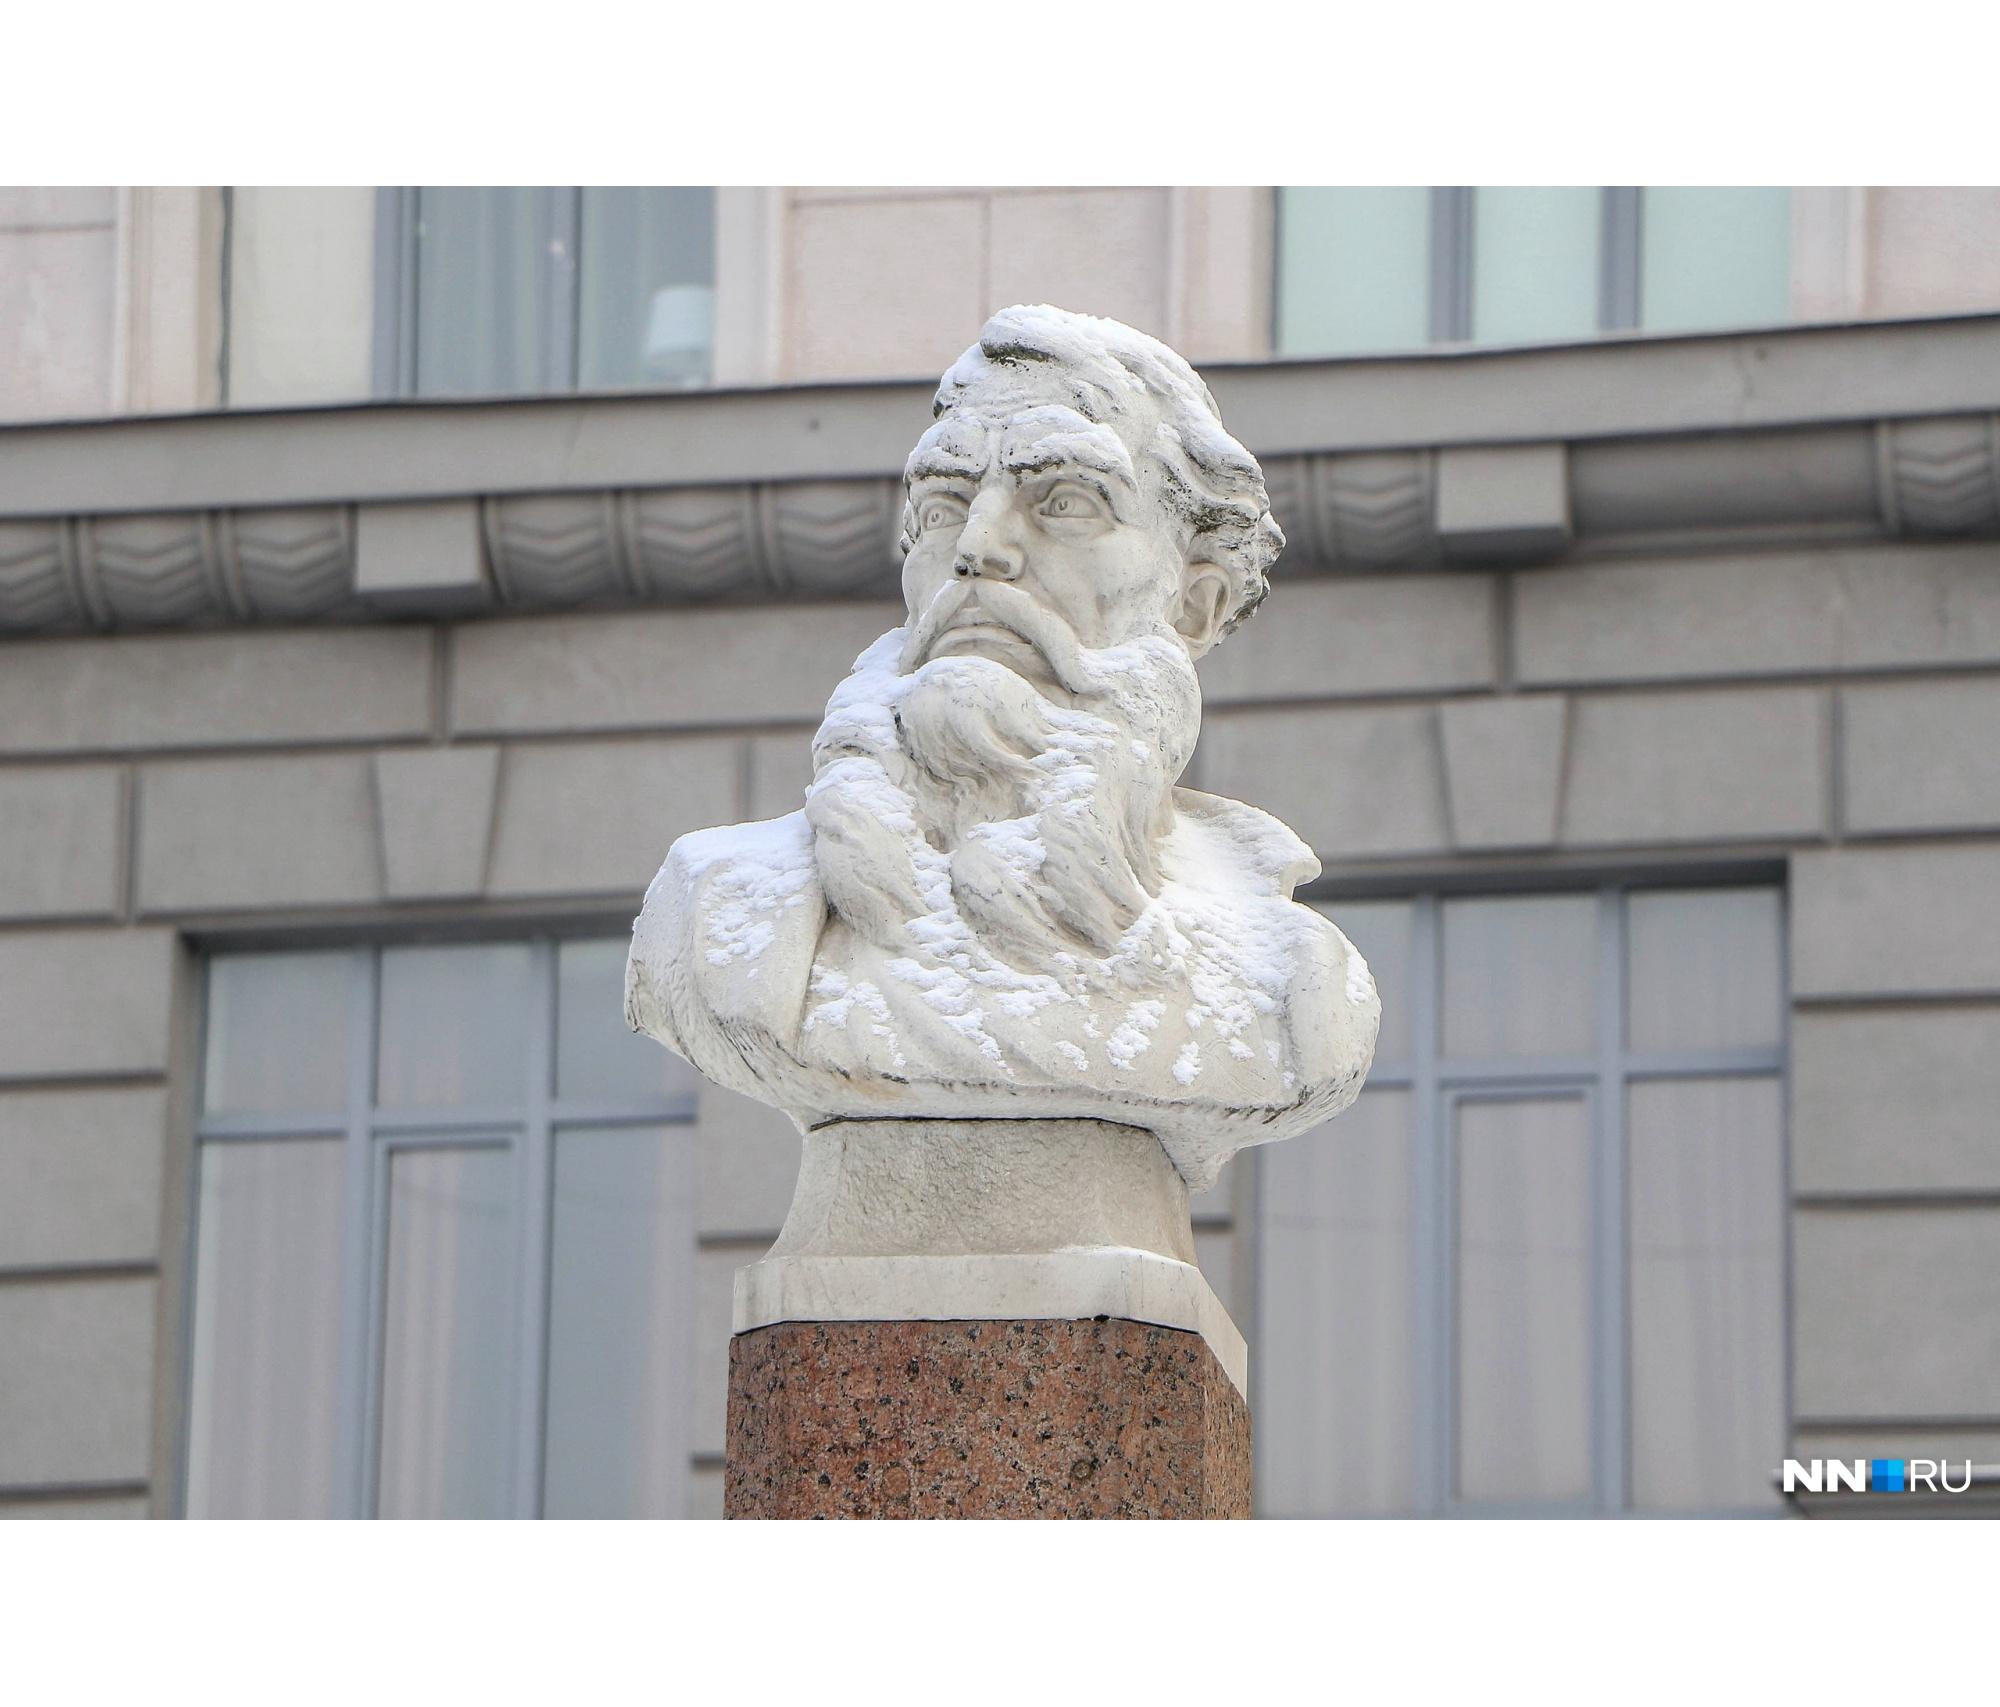 Памятники и бюсты Козьмы Минина до сих пор стоят по всей России